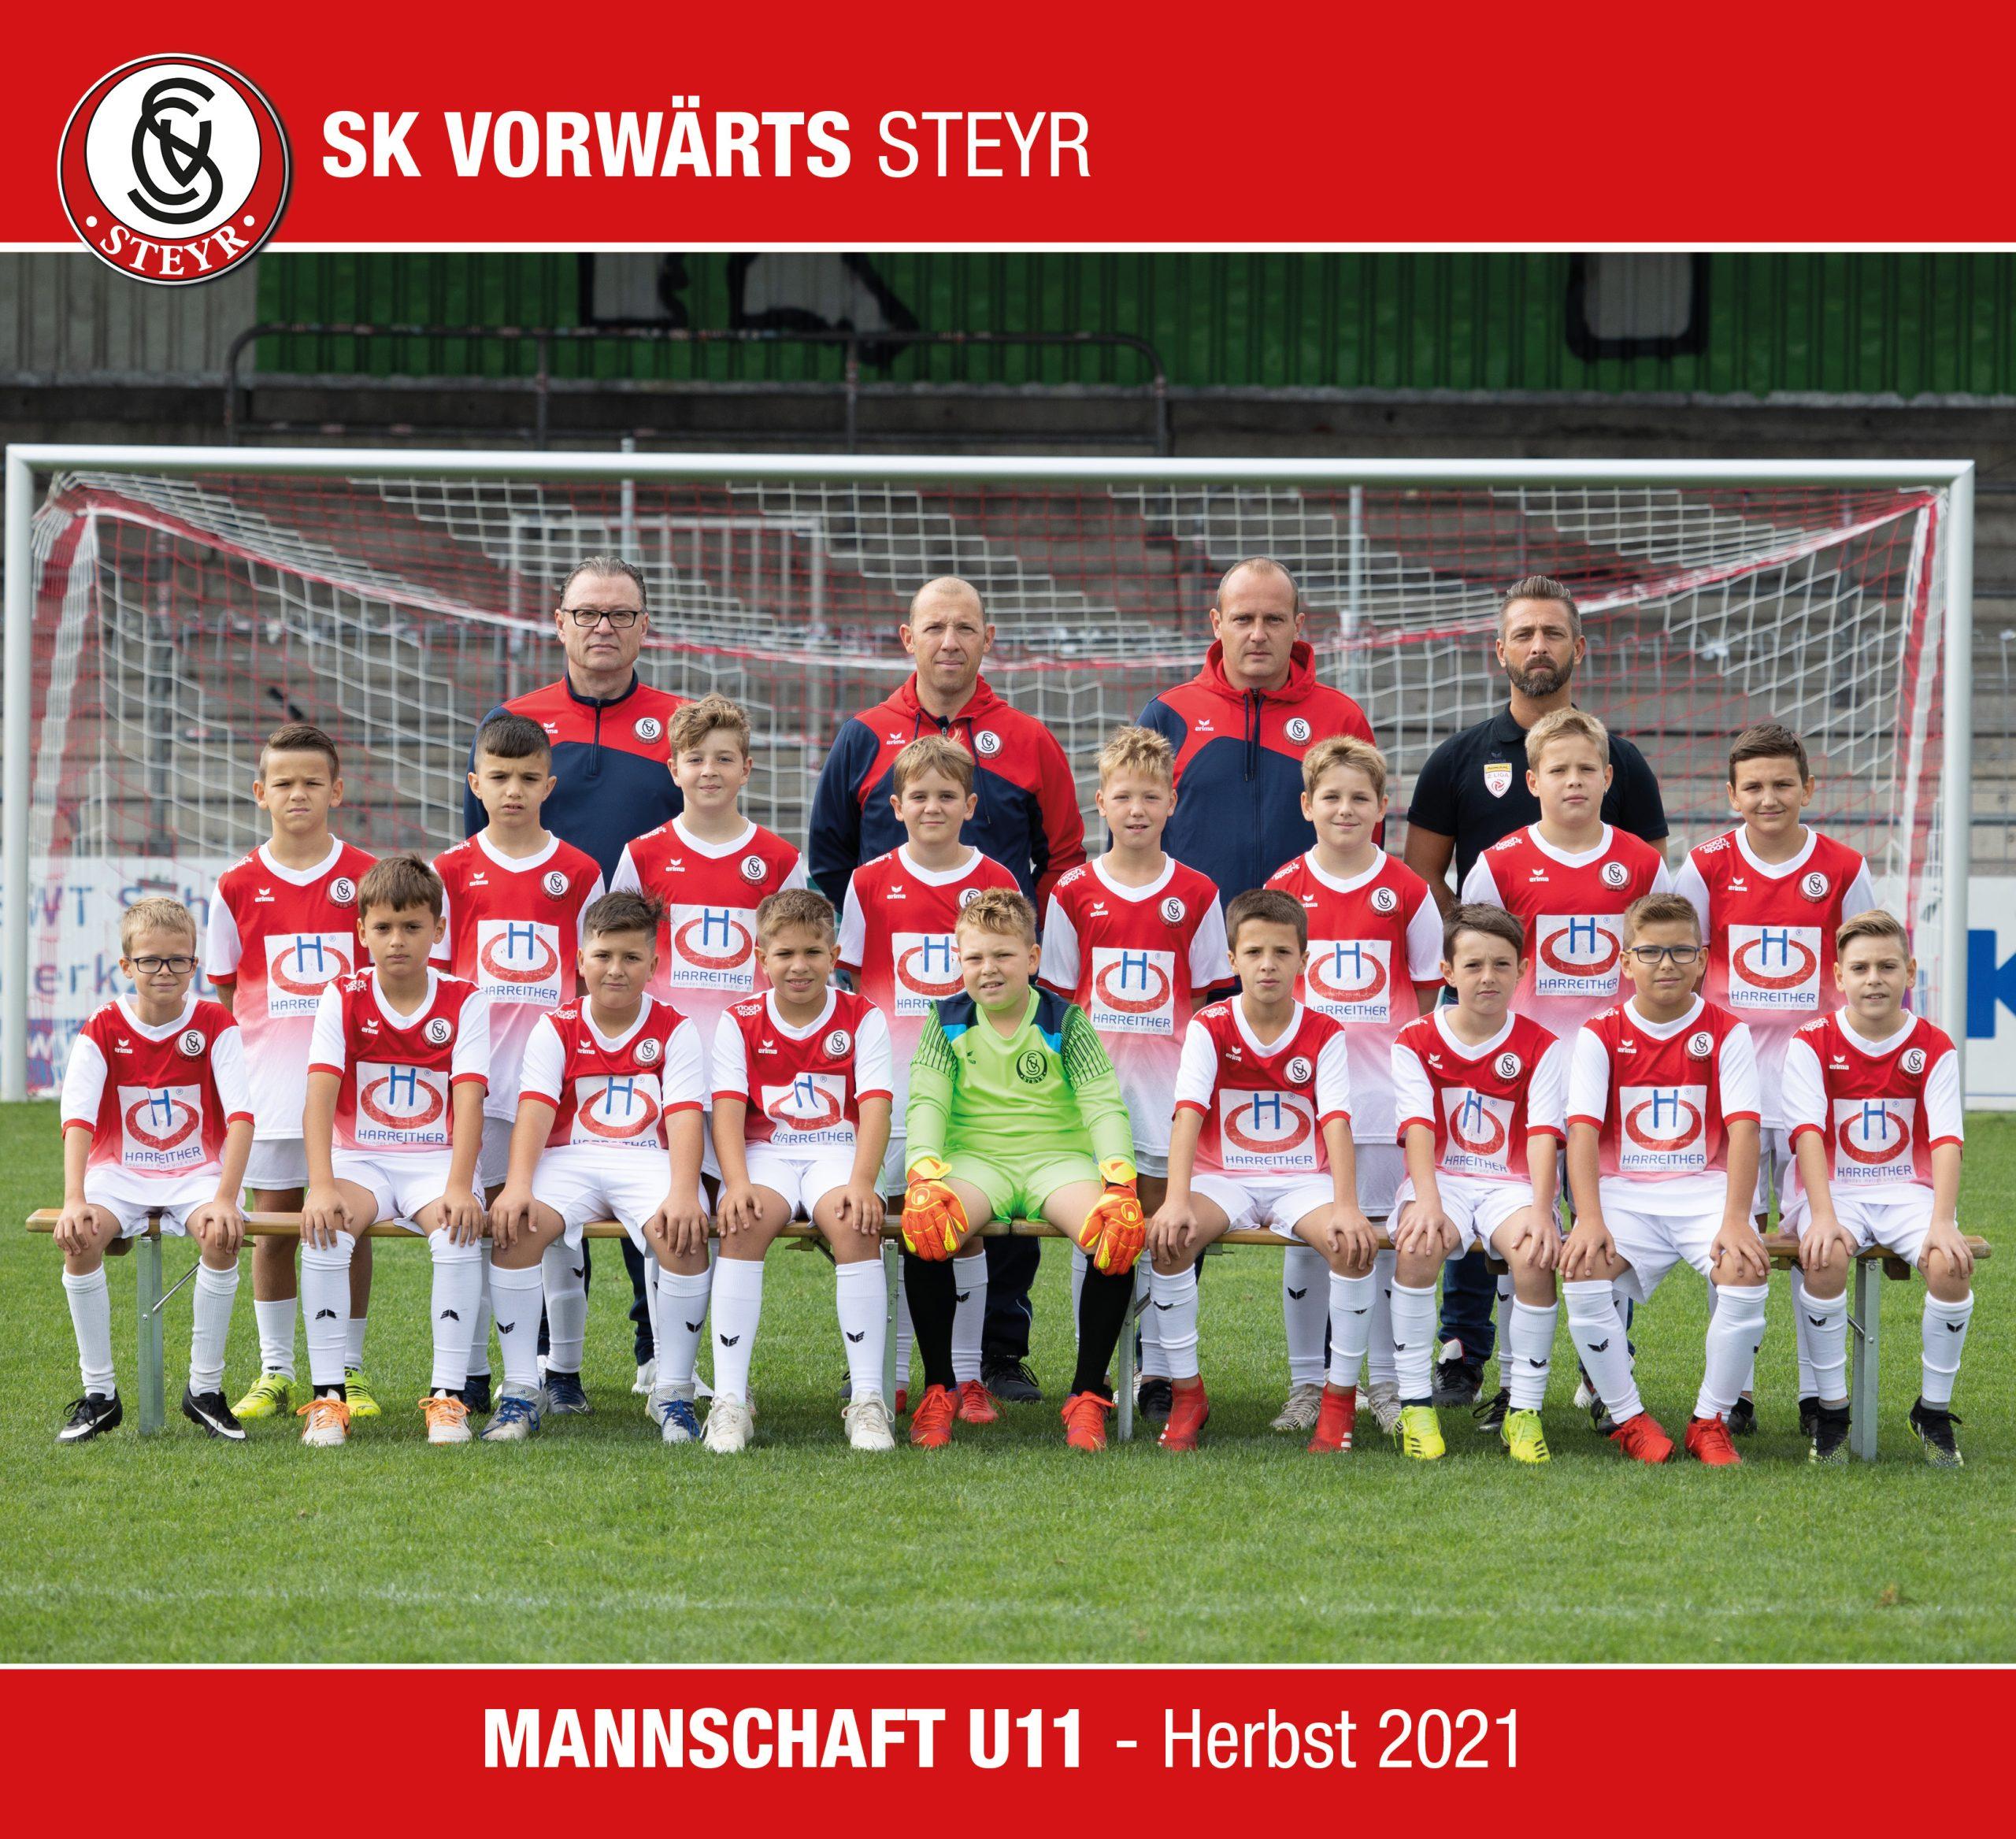 Mannschaftstofo U10 - Herbst 2020